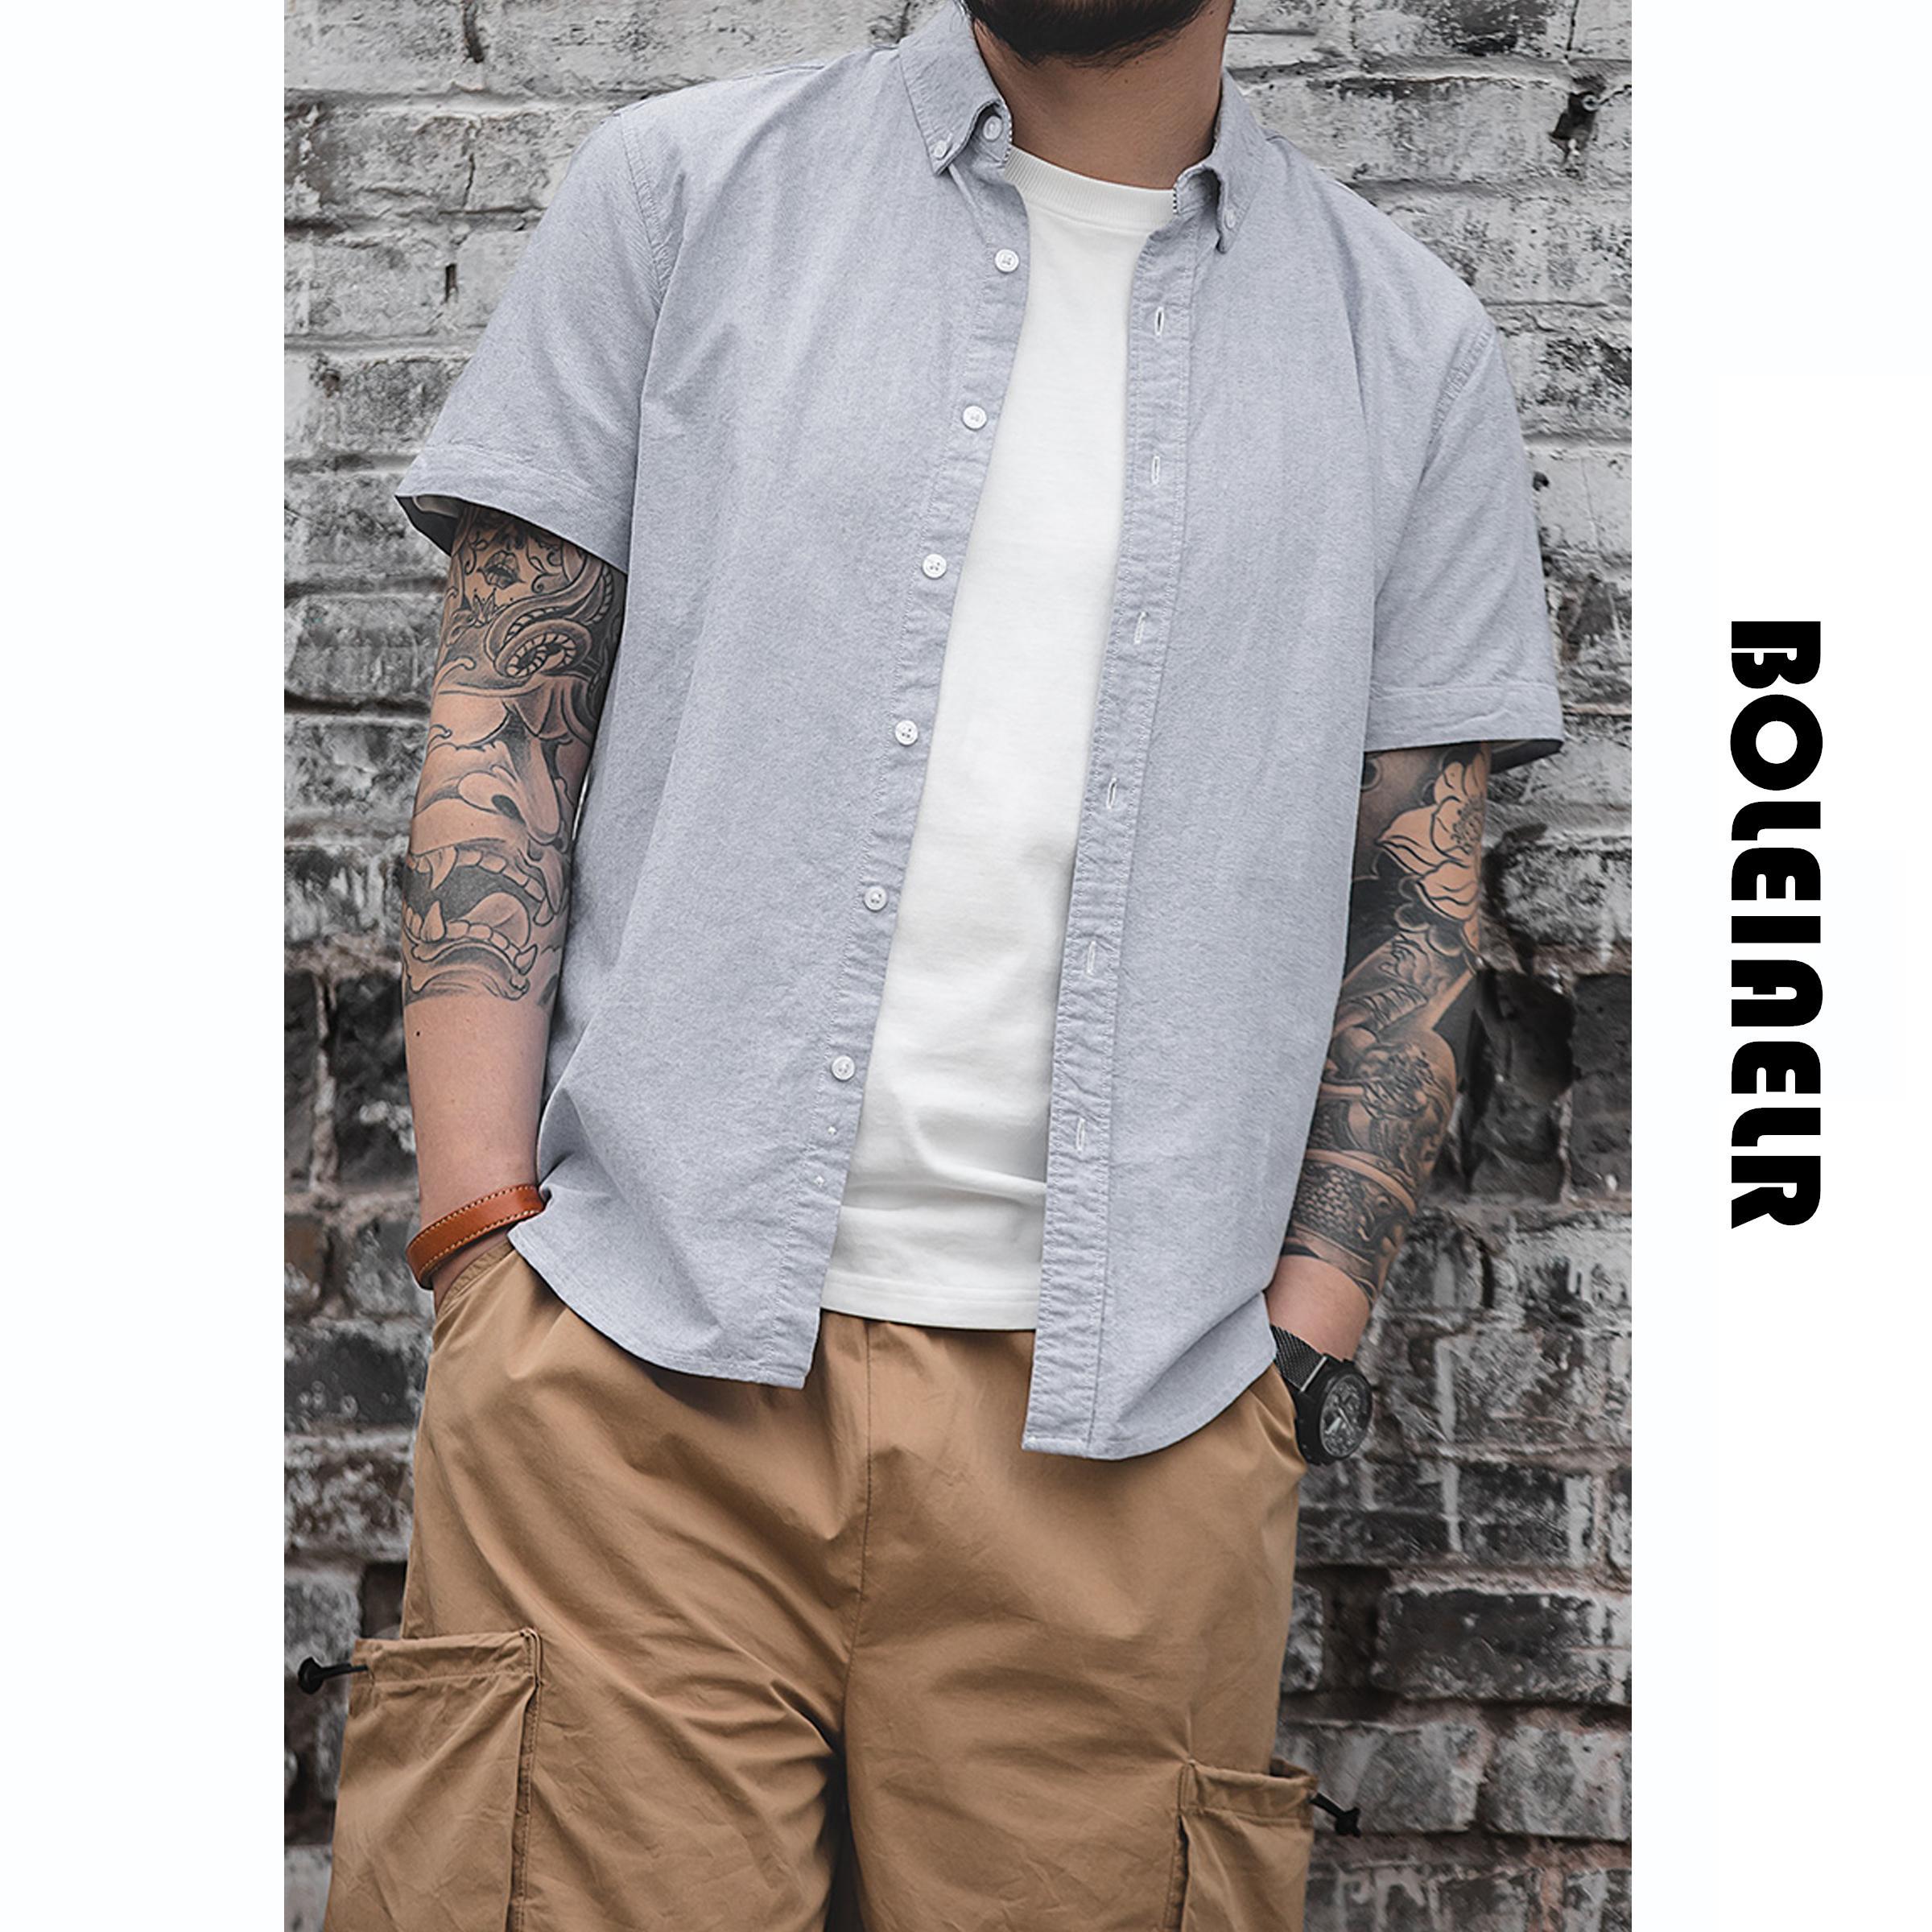 BOLEIAELR/透气舒适 松软 亲肤优选棉 牛津纺短袖衬衫男修身衬衣